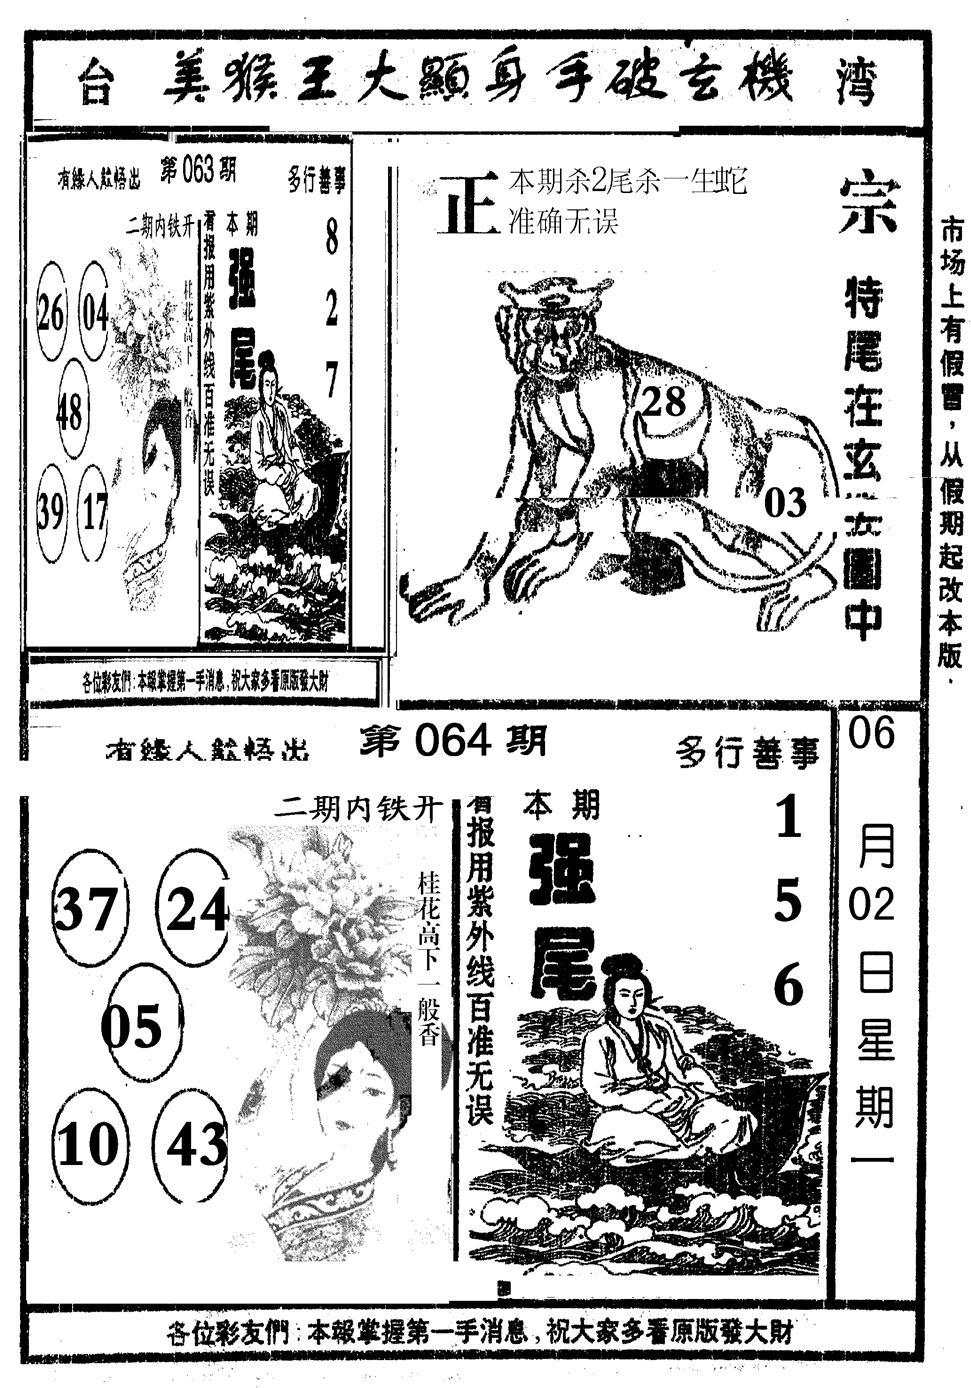 064期美猴王(黑白)